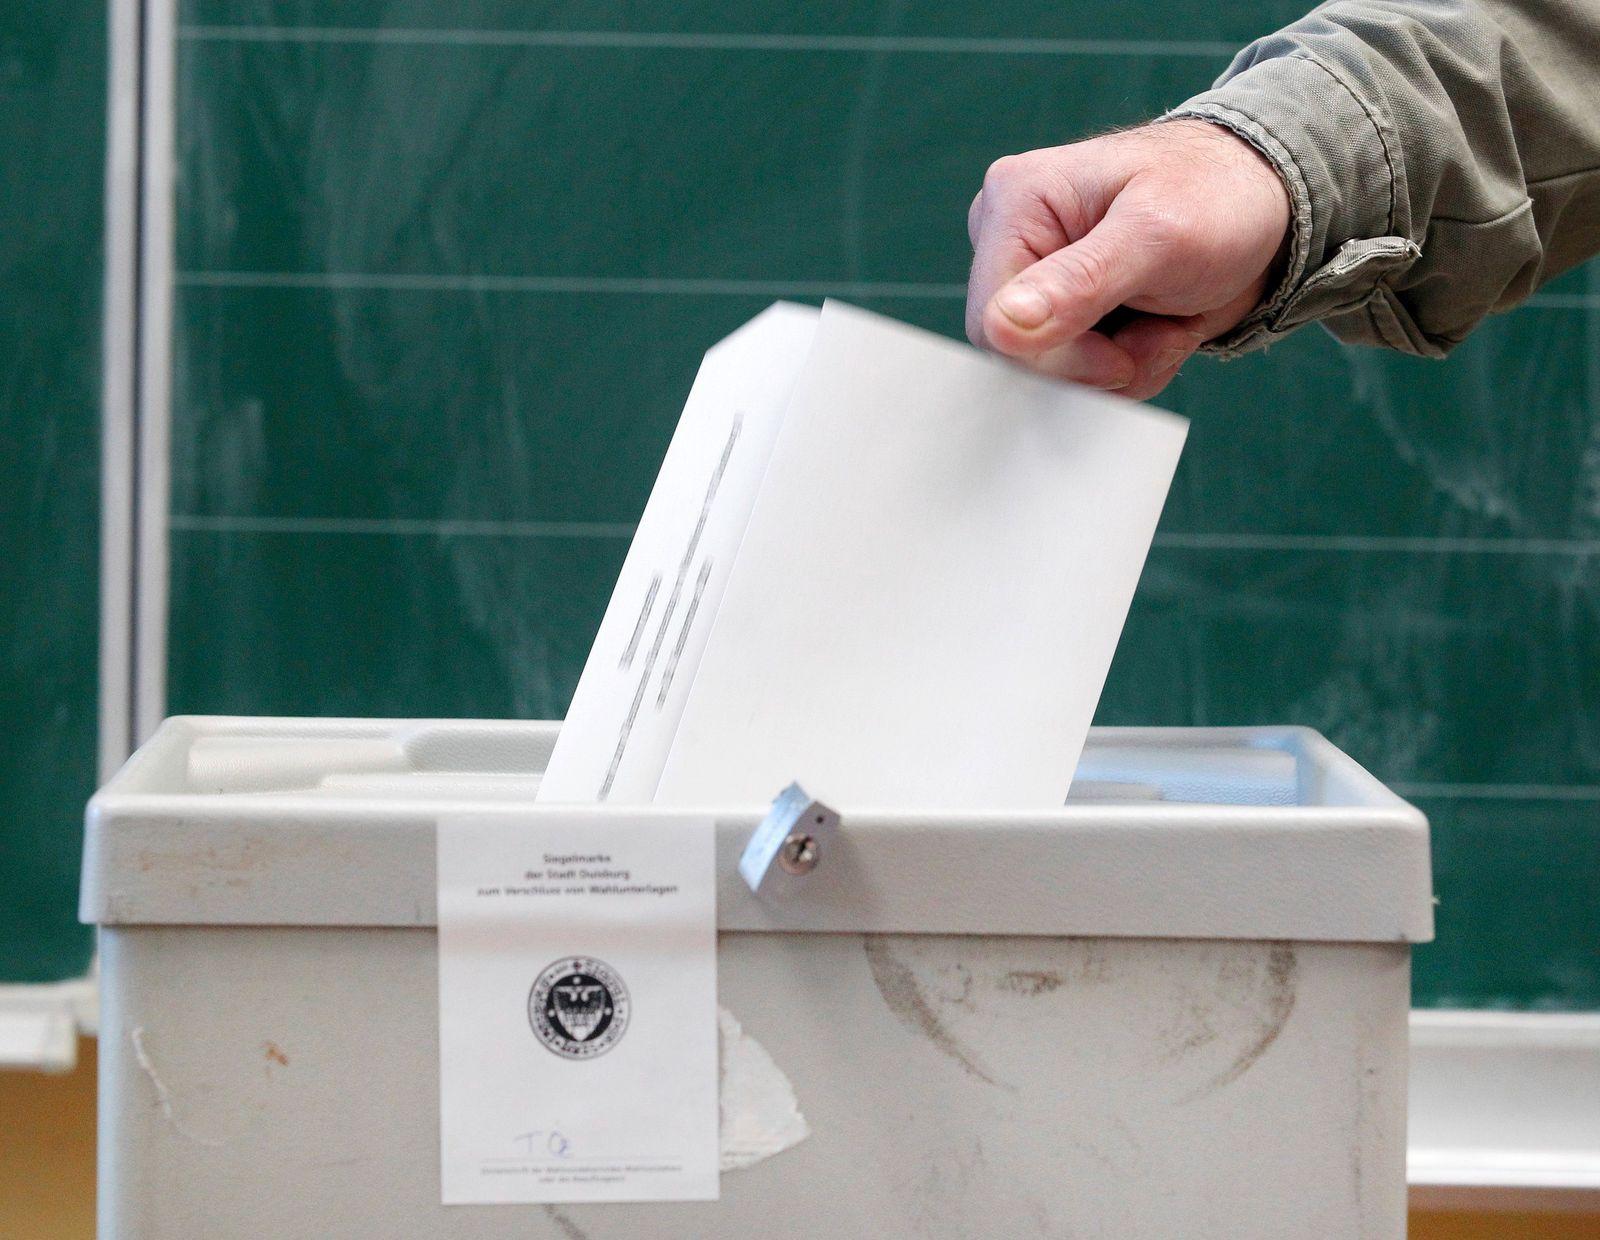 Bundestagswahl in Nordrhein-Westfalen - Feature